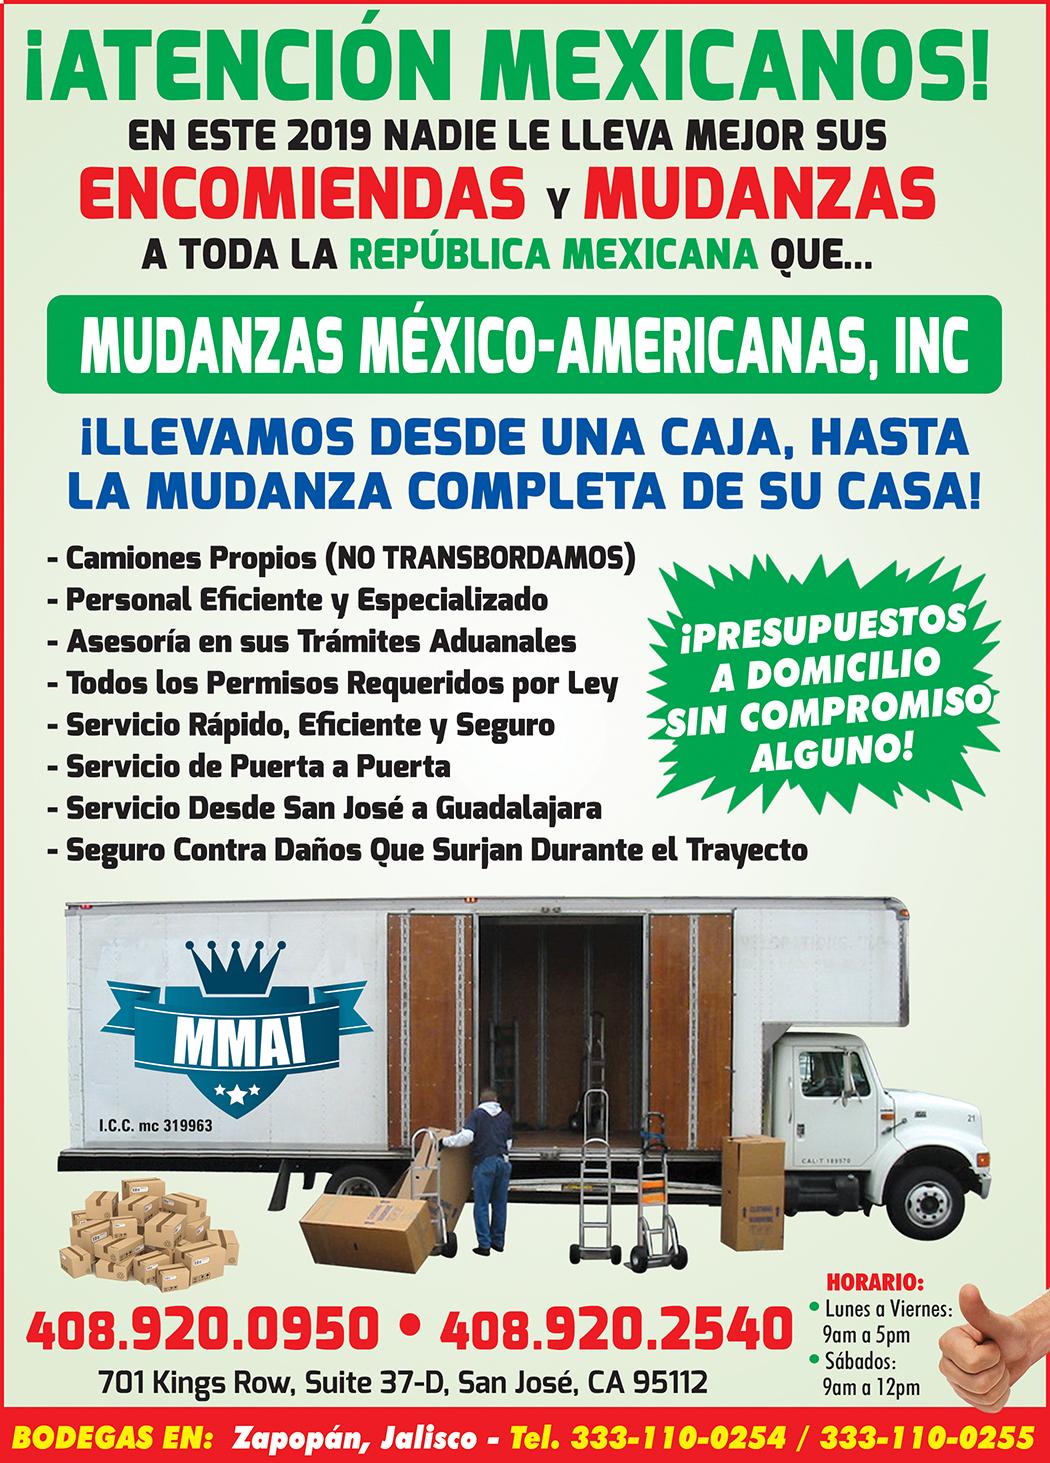 Mudanzas Latinas 1 Pag - Enero 2019 copy.jpg